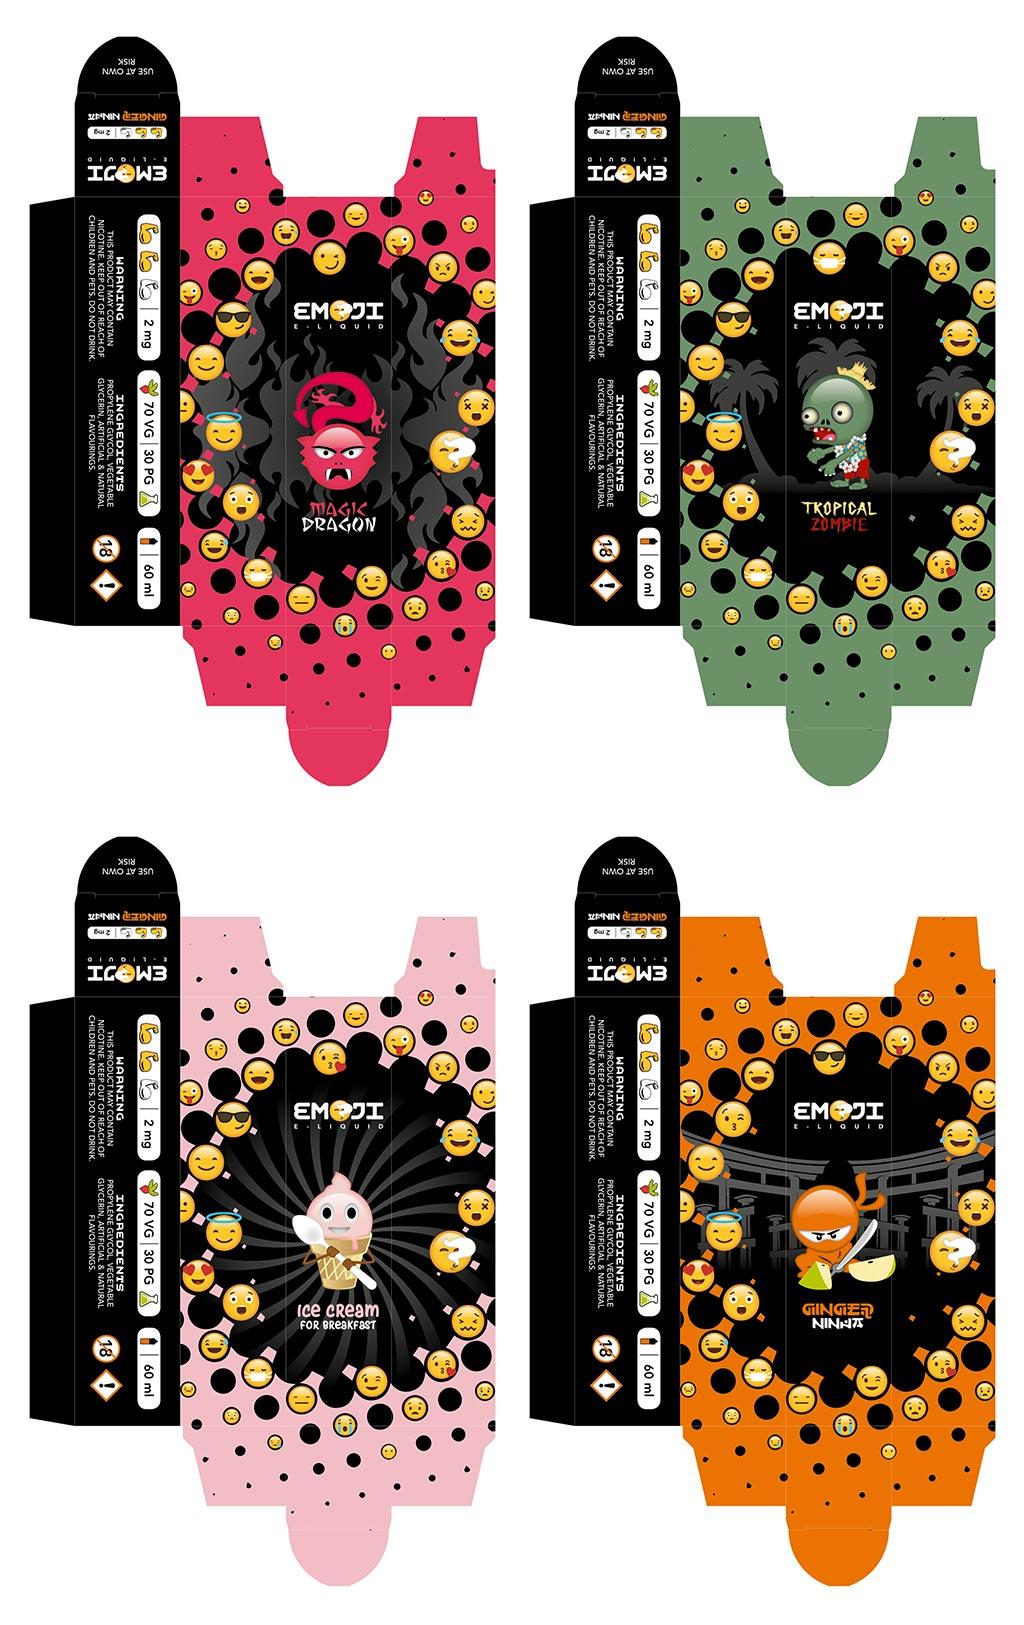 Emoji Boxes